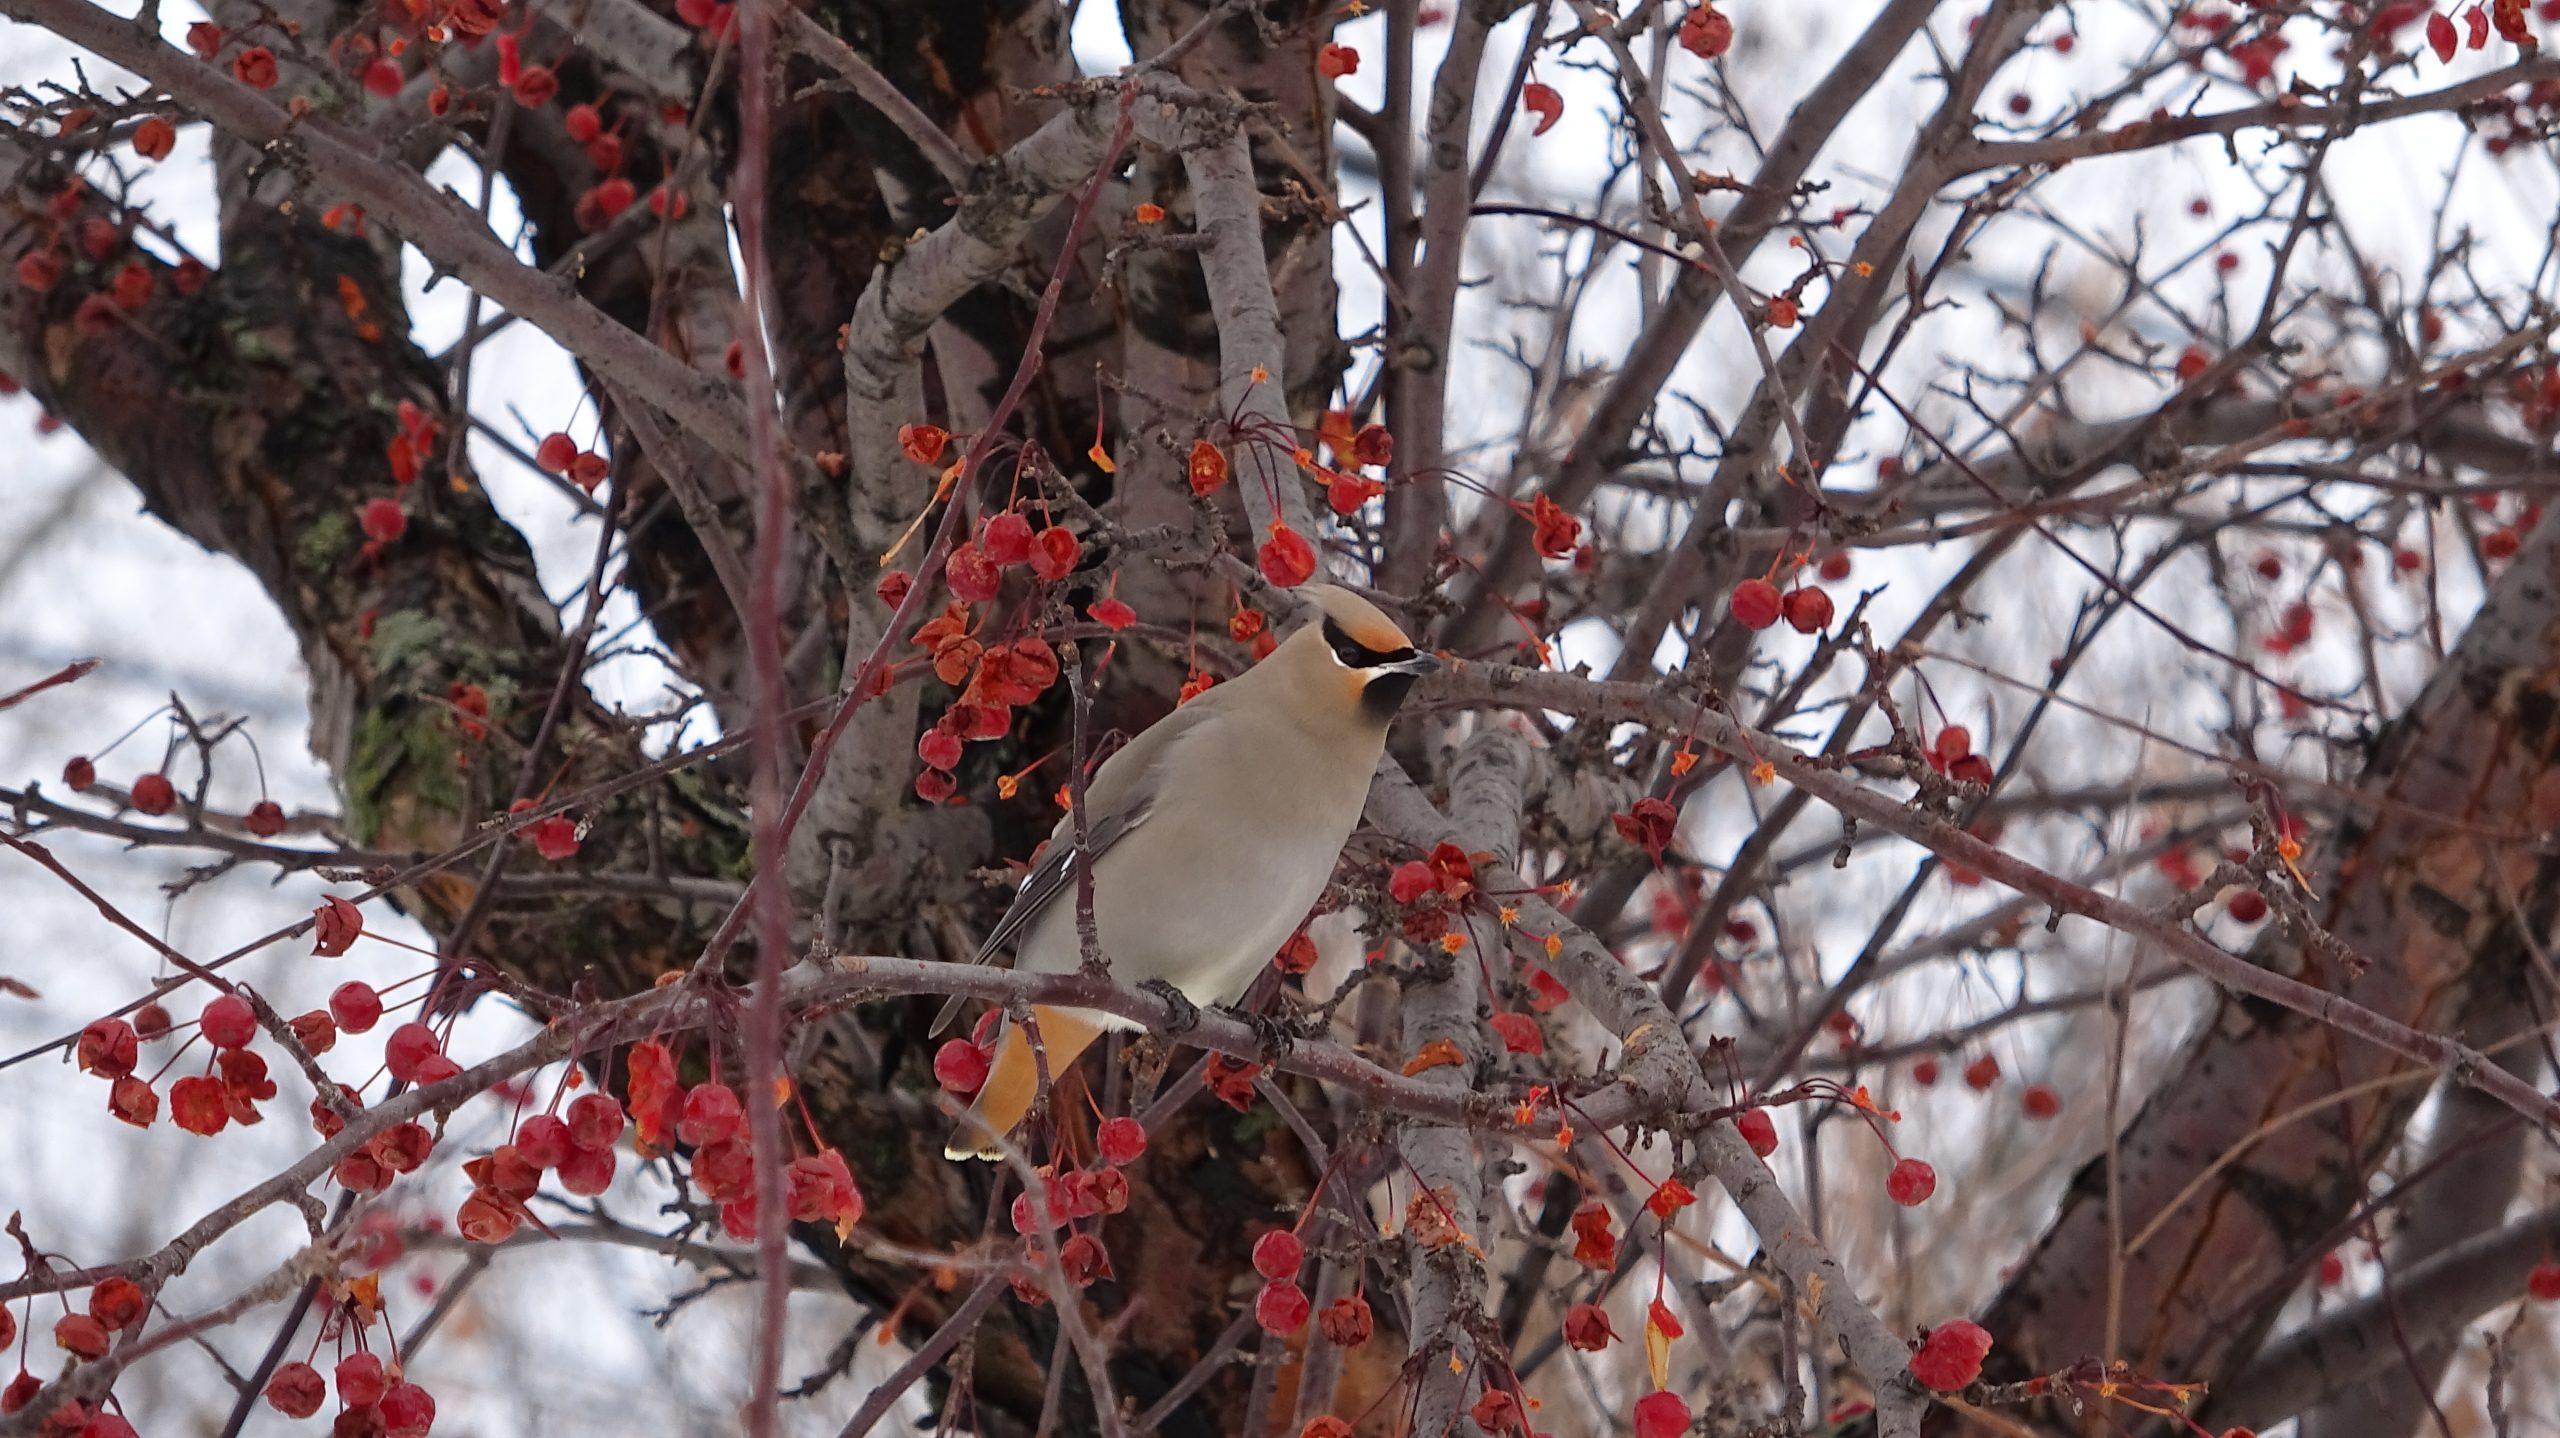 Le jaseur boréal est un visiteur hivernal très présent dans la région de Québec. On le voit ici à la réserve naturelle du Marais-Léon-Provancher, entouré de son garde-manger. Il adore les petits fruits sauvages!